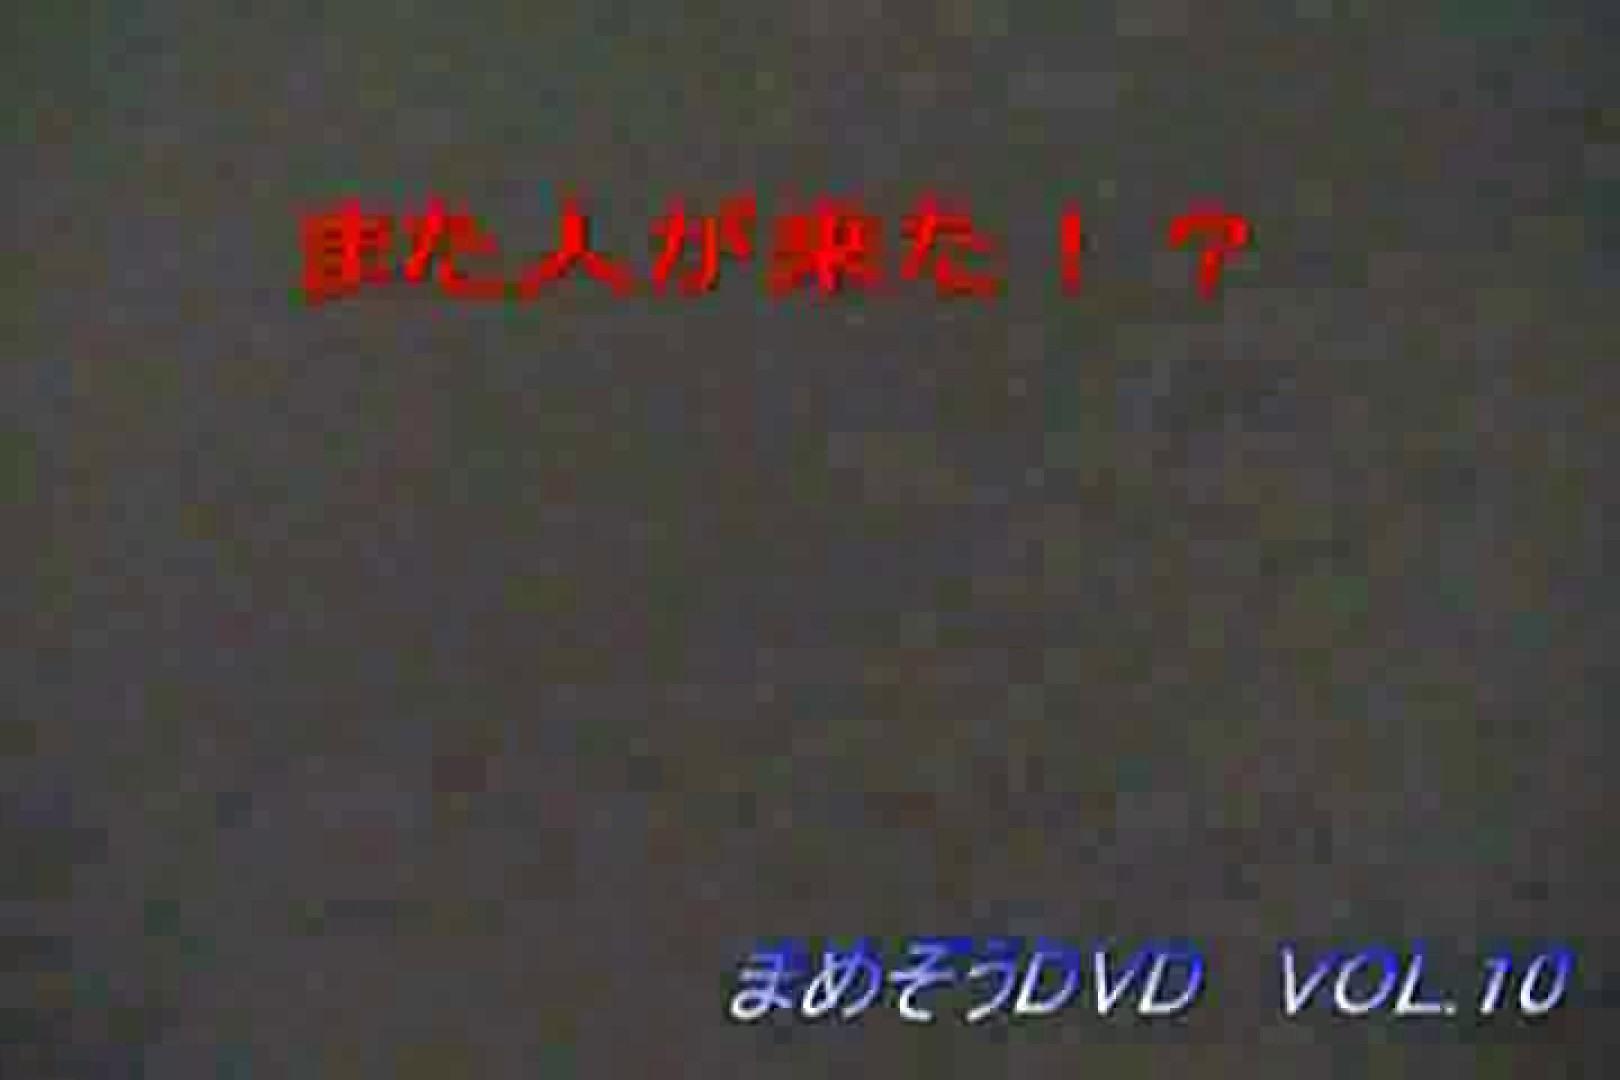 まめぞうDVD完全版VOL.10 ギャル  64pic 39